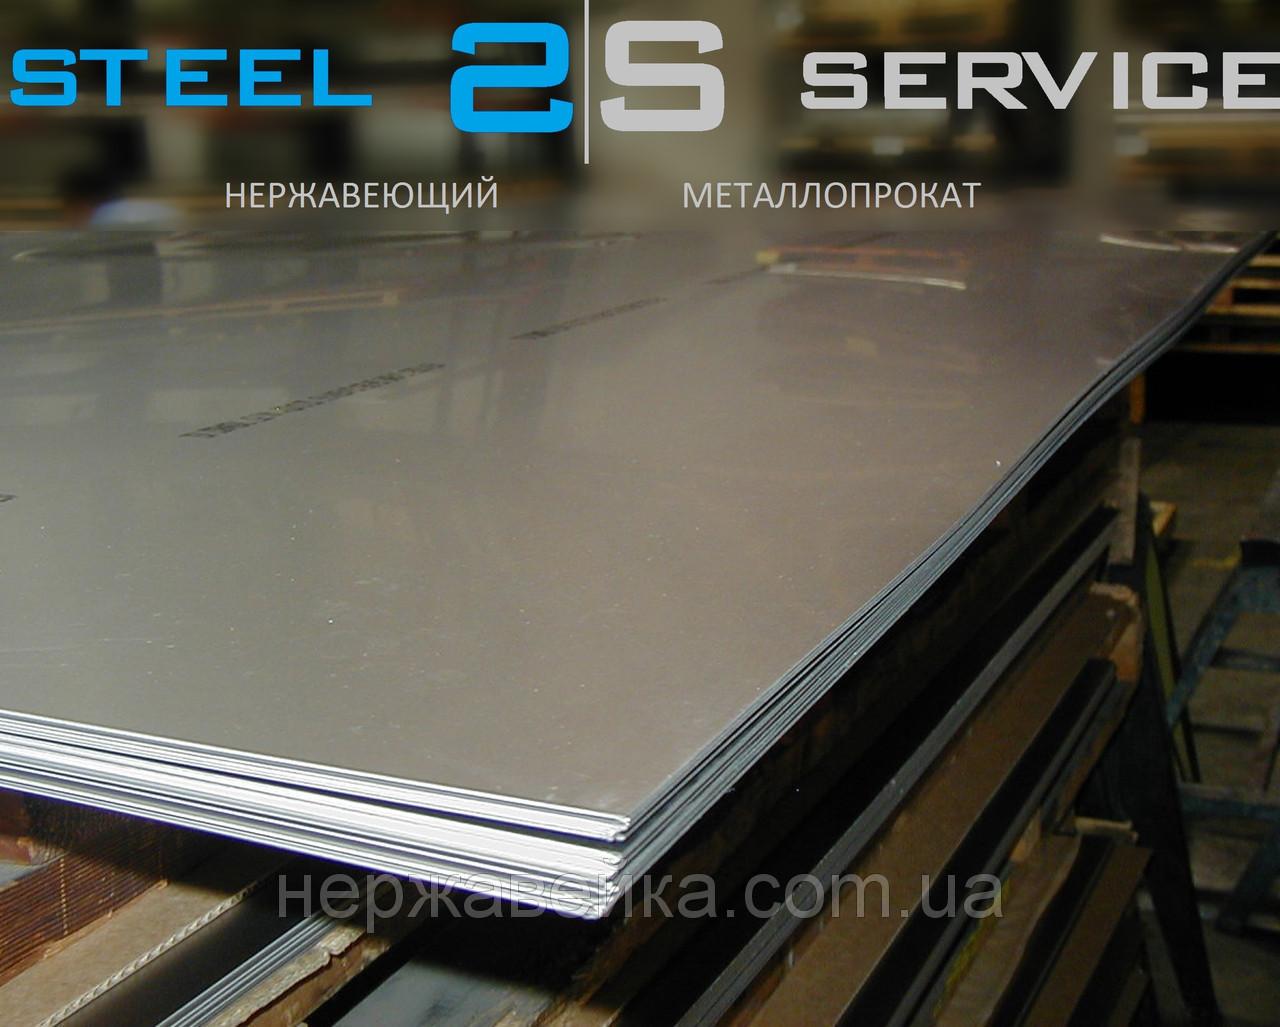 Нержавейка лист 25х1500х6000мм  AISI 321(08Х18Н10Т) F1 - горячекатанный,  пищевой